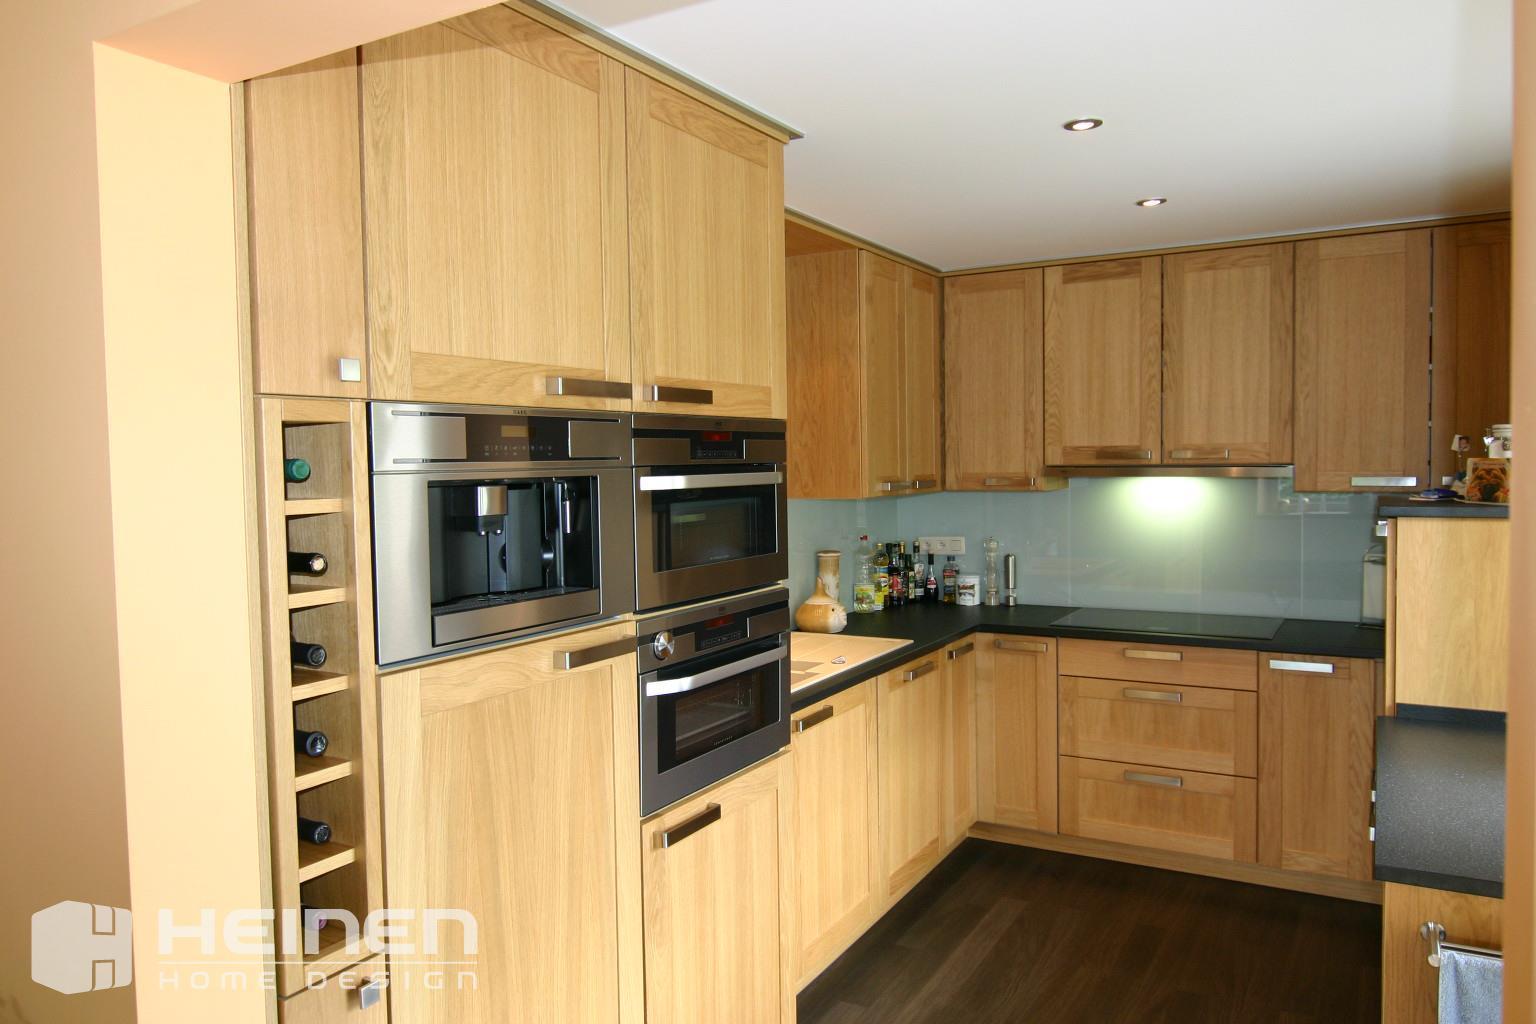 Referenz küche 03   heinen home design